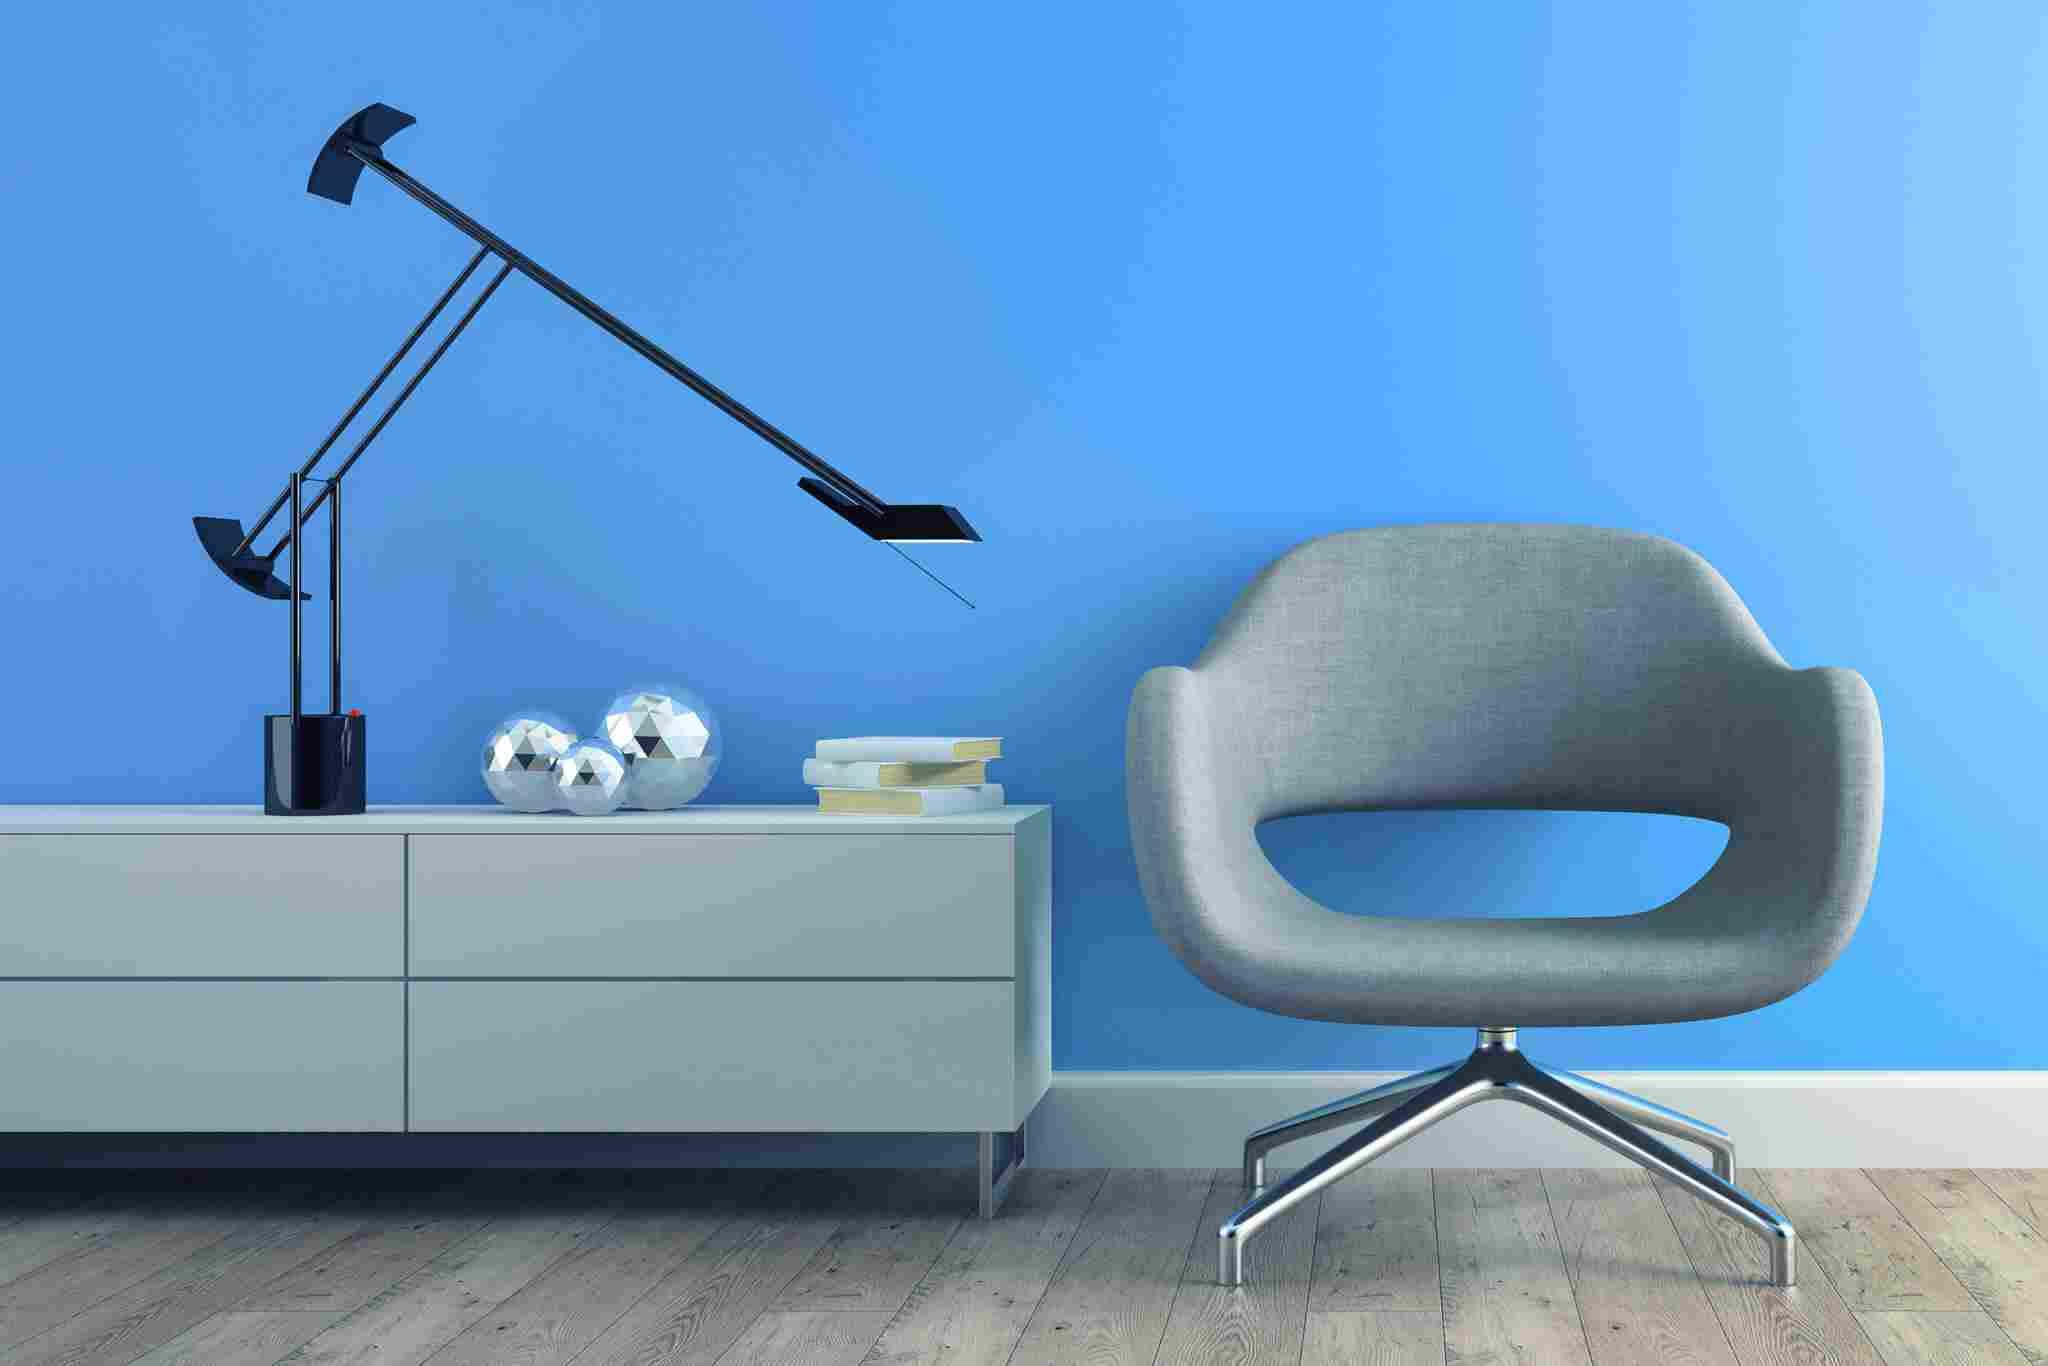 http://akldecor.com/wp-content/uploads/2017/05/image-chair-blue-wall.jpg